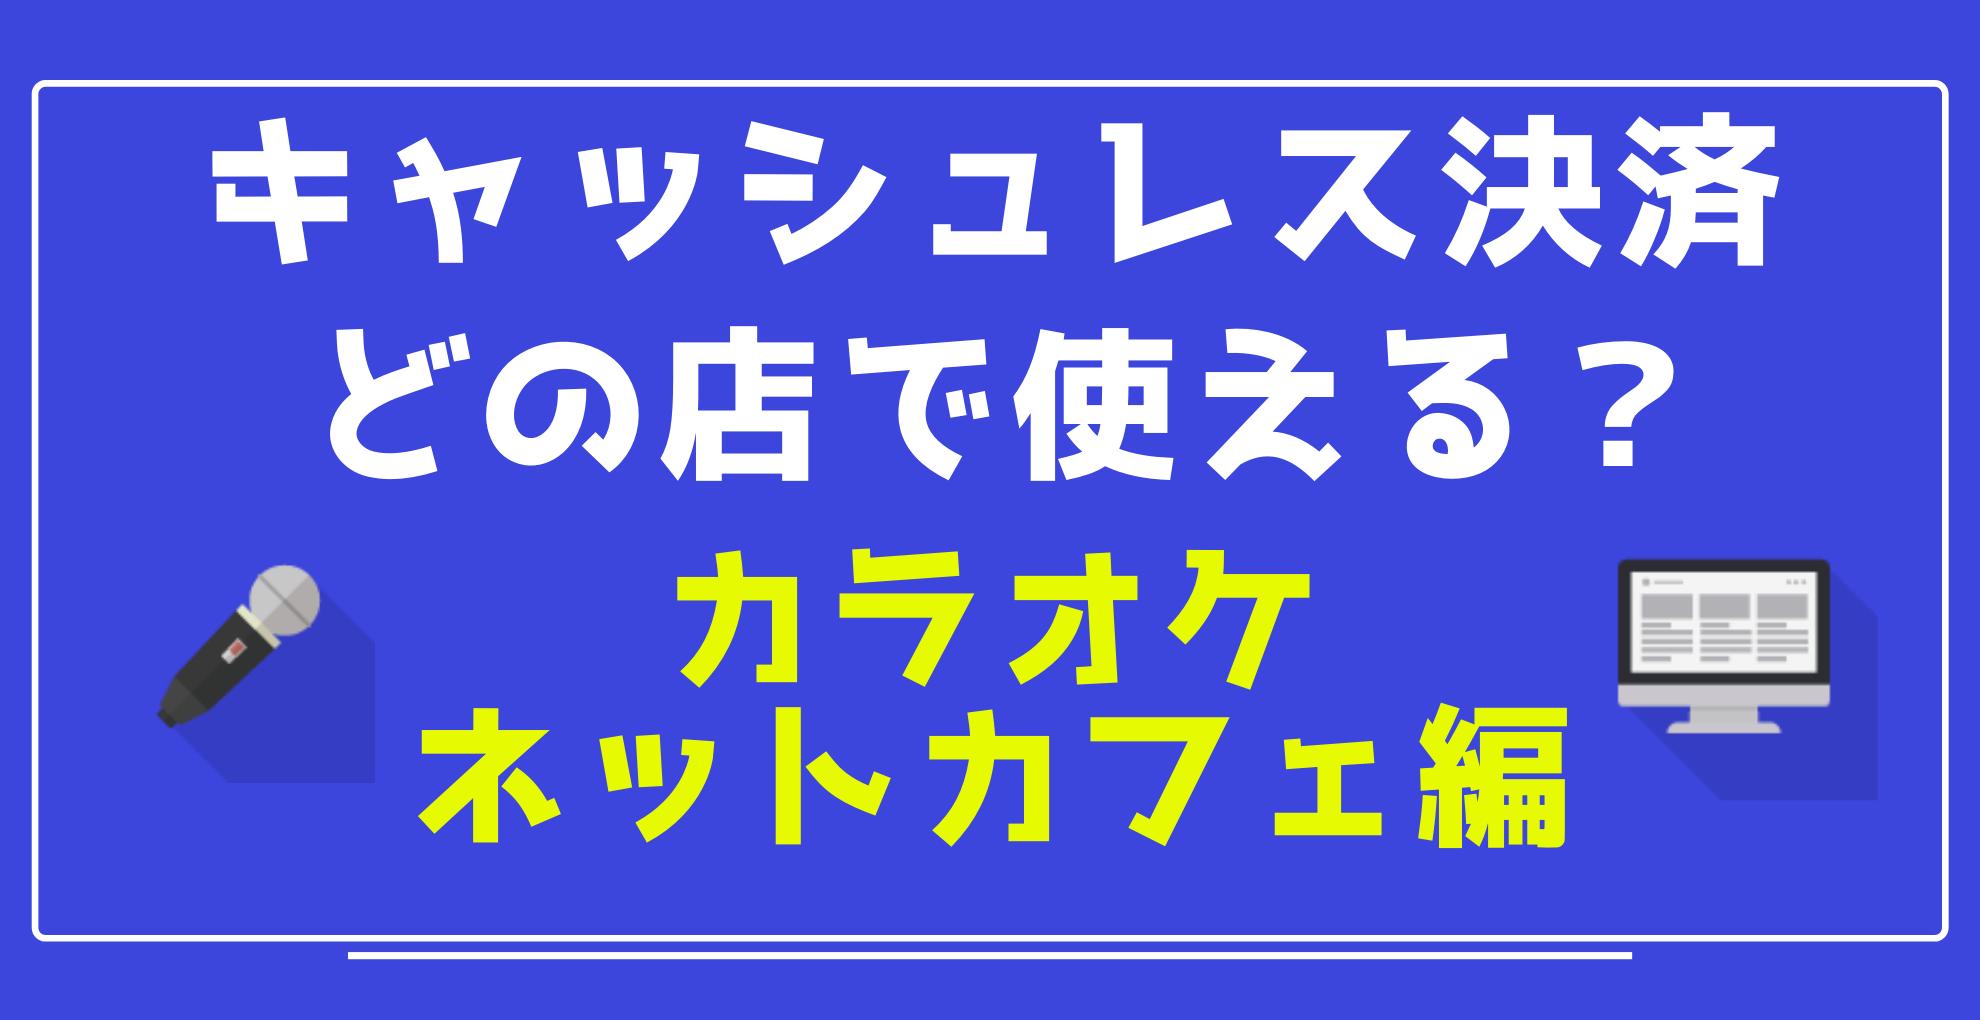 【キャッシュレス】スマホ決済 どの店で使える? 【カラオケ・ネットカフェ編】